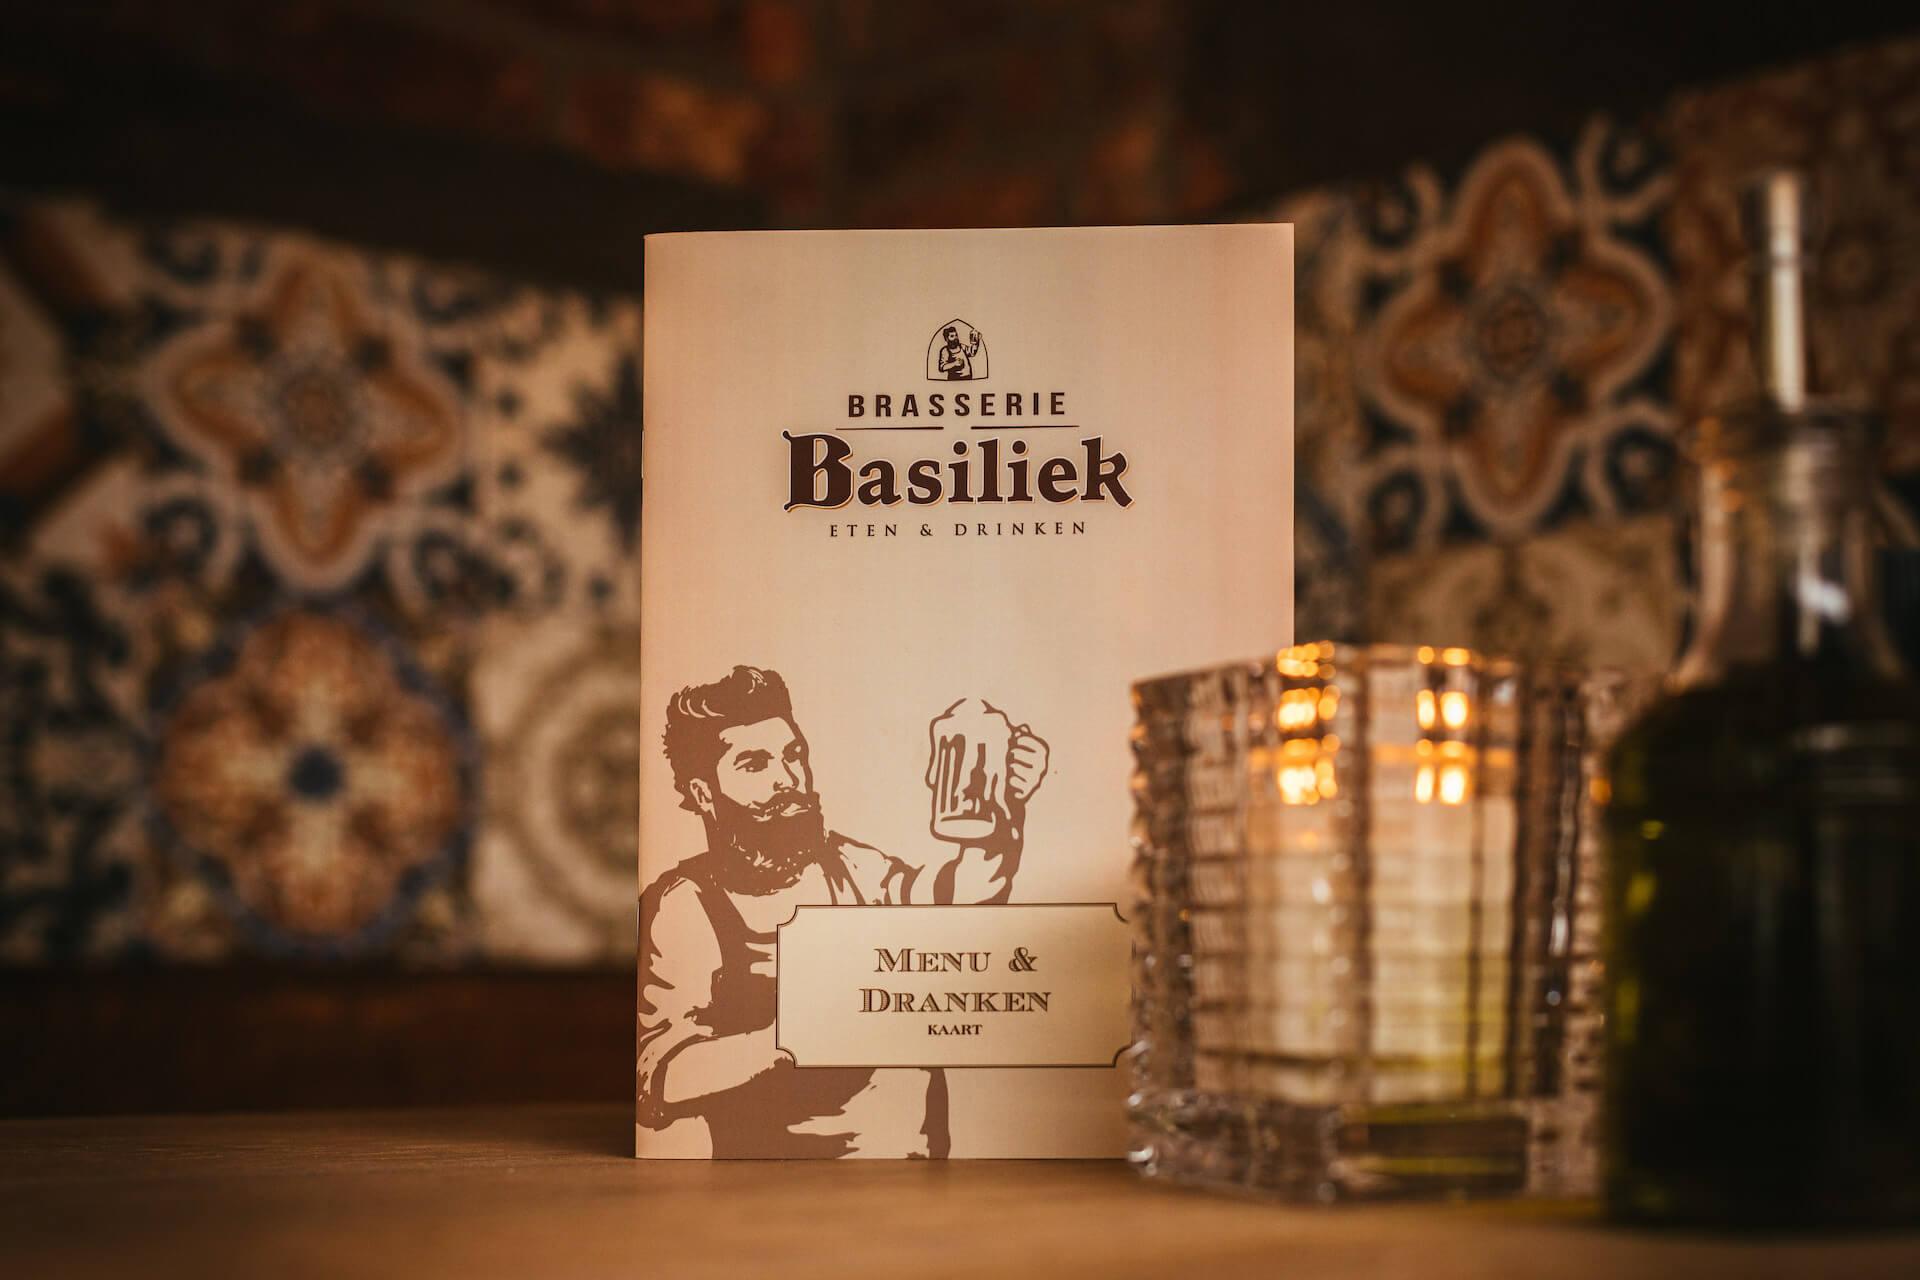 Brasserie Basiliek